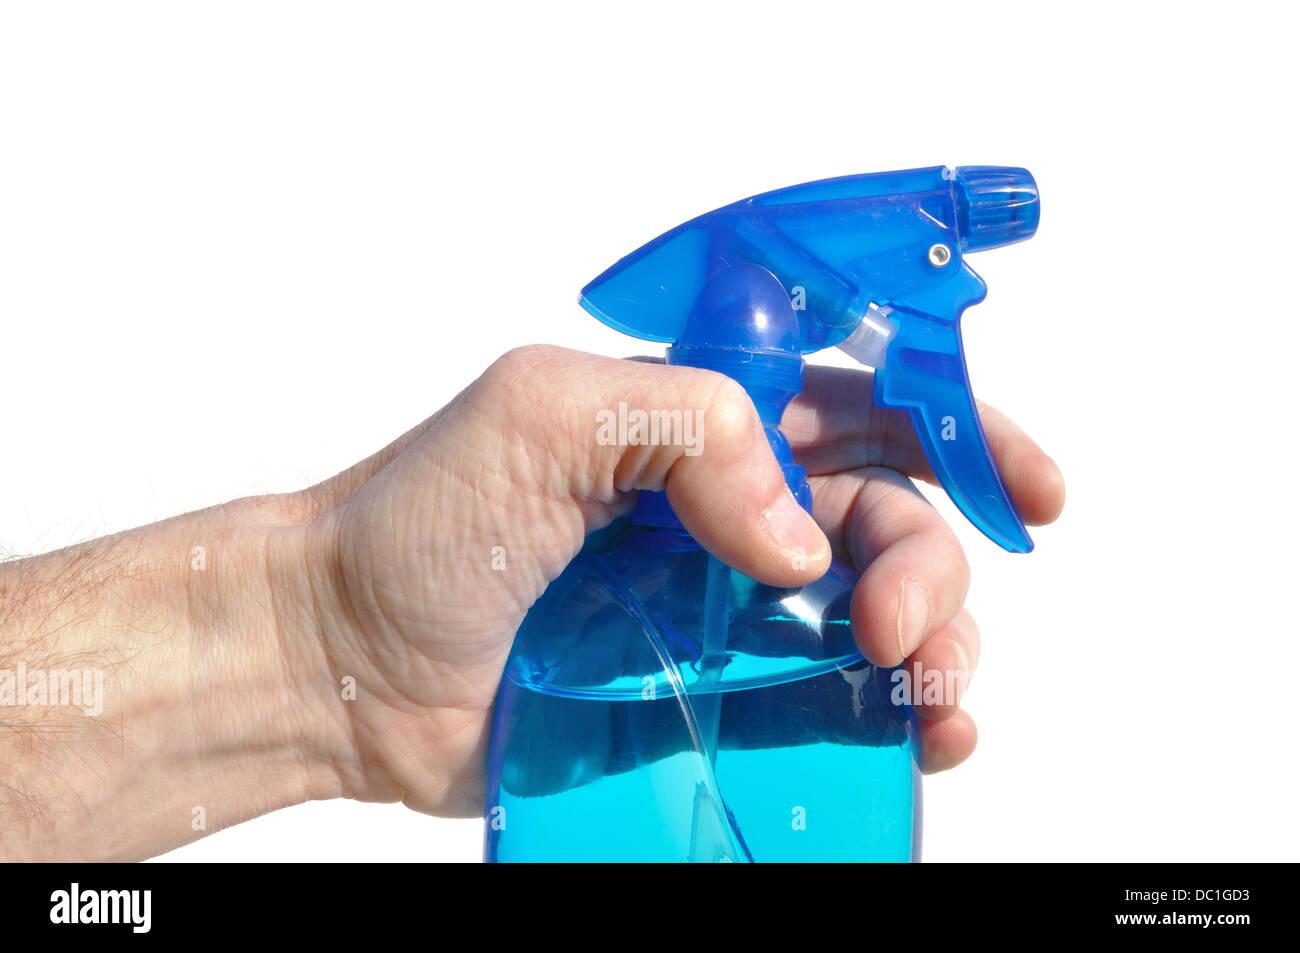 Spray flacone di pulizia Immagini Stock